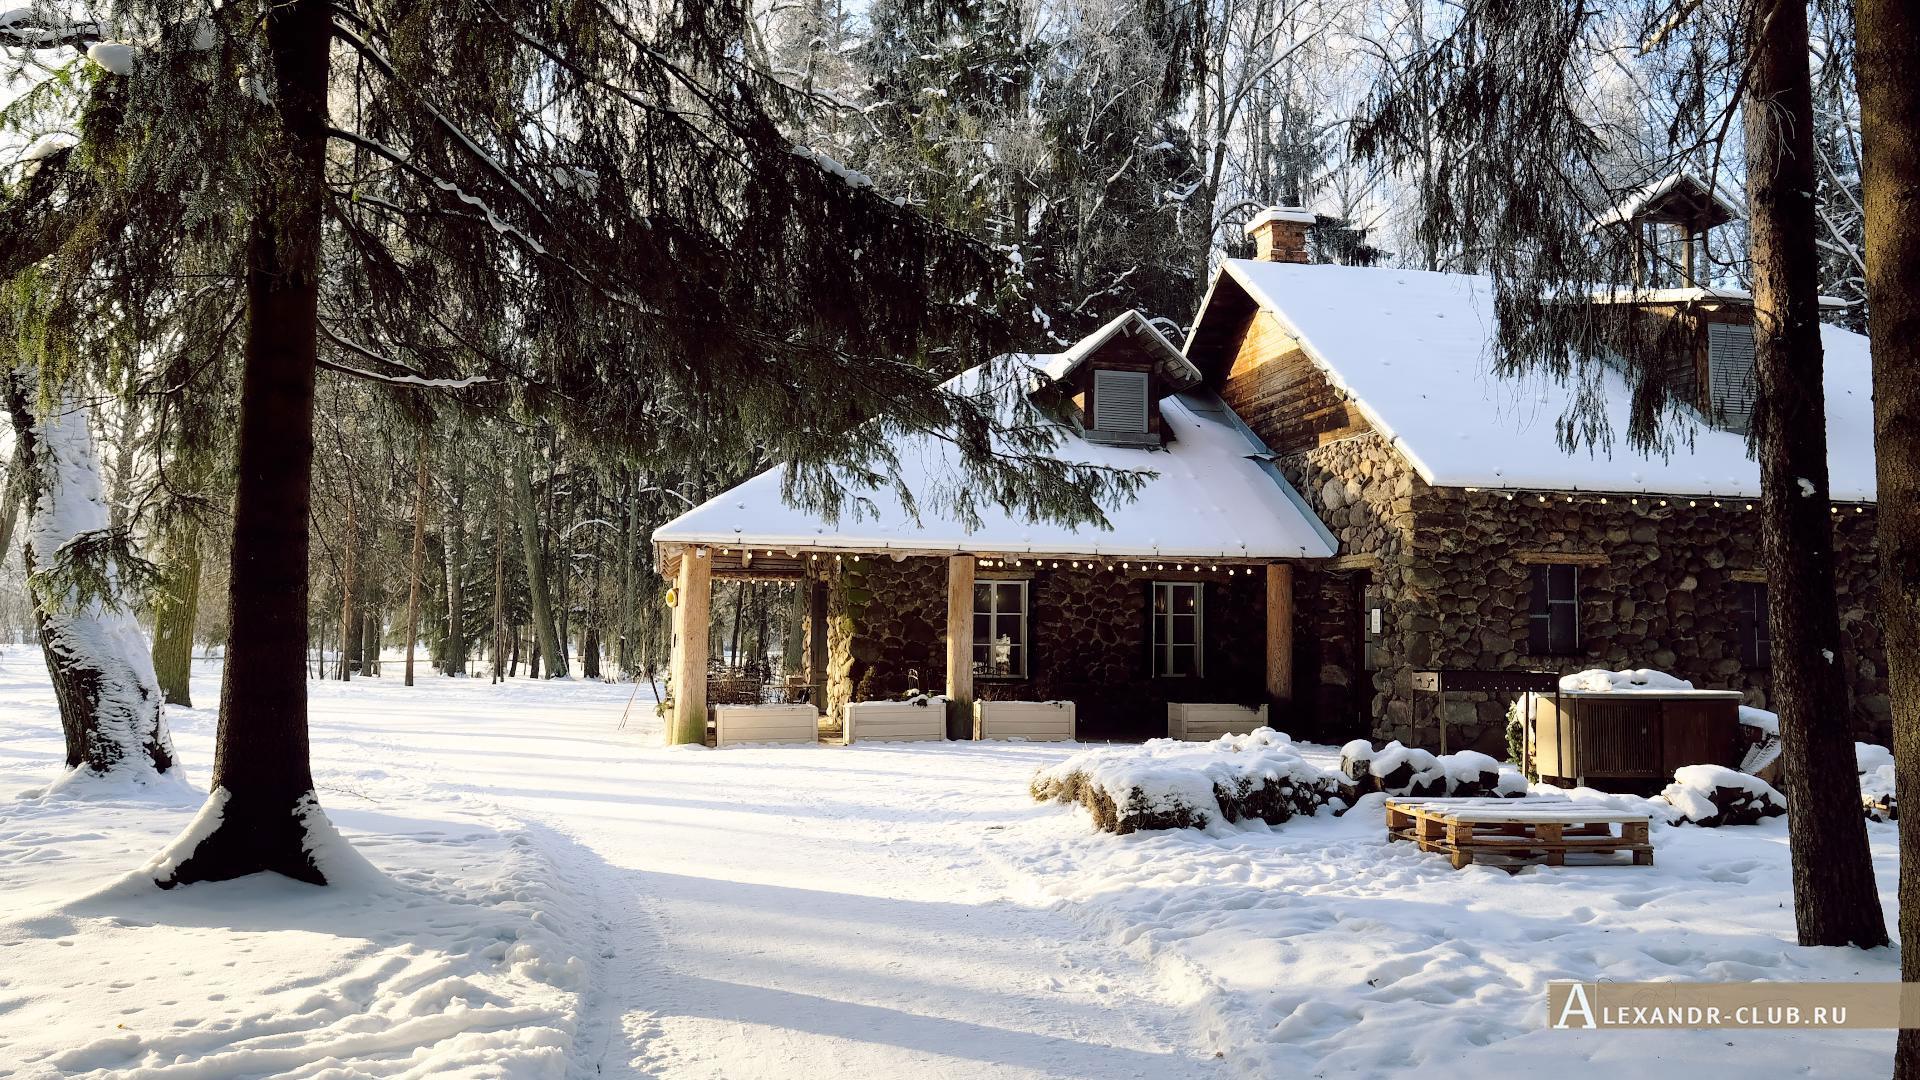 Павловск, зима, Павловский парк, павильон Молочня